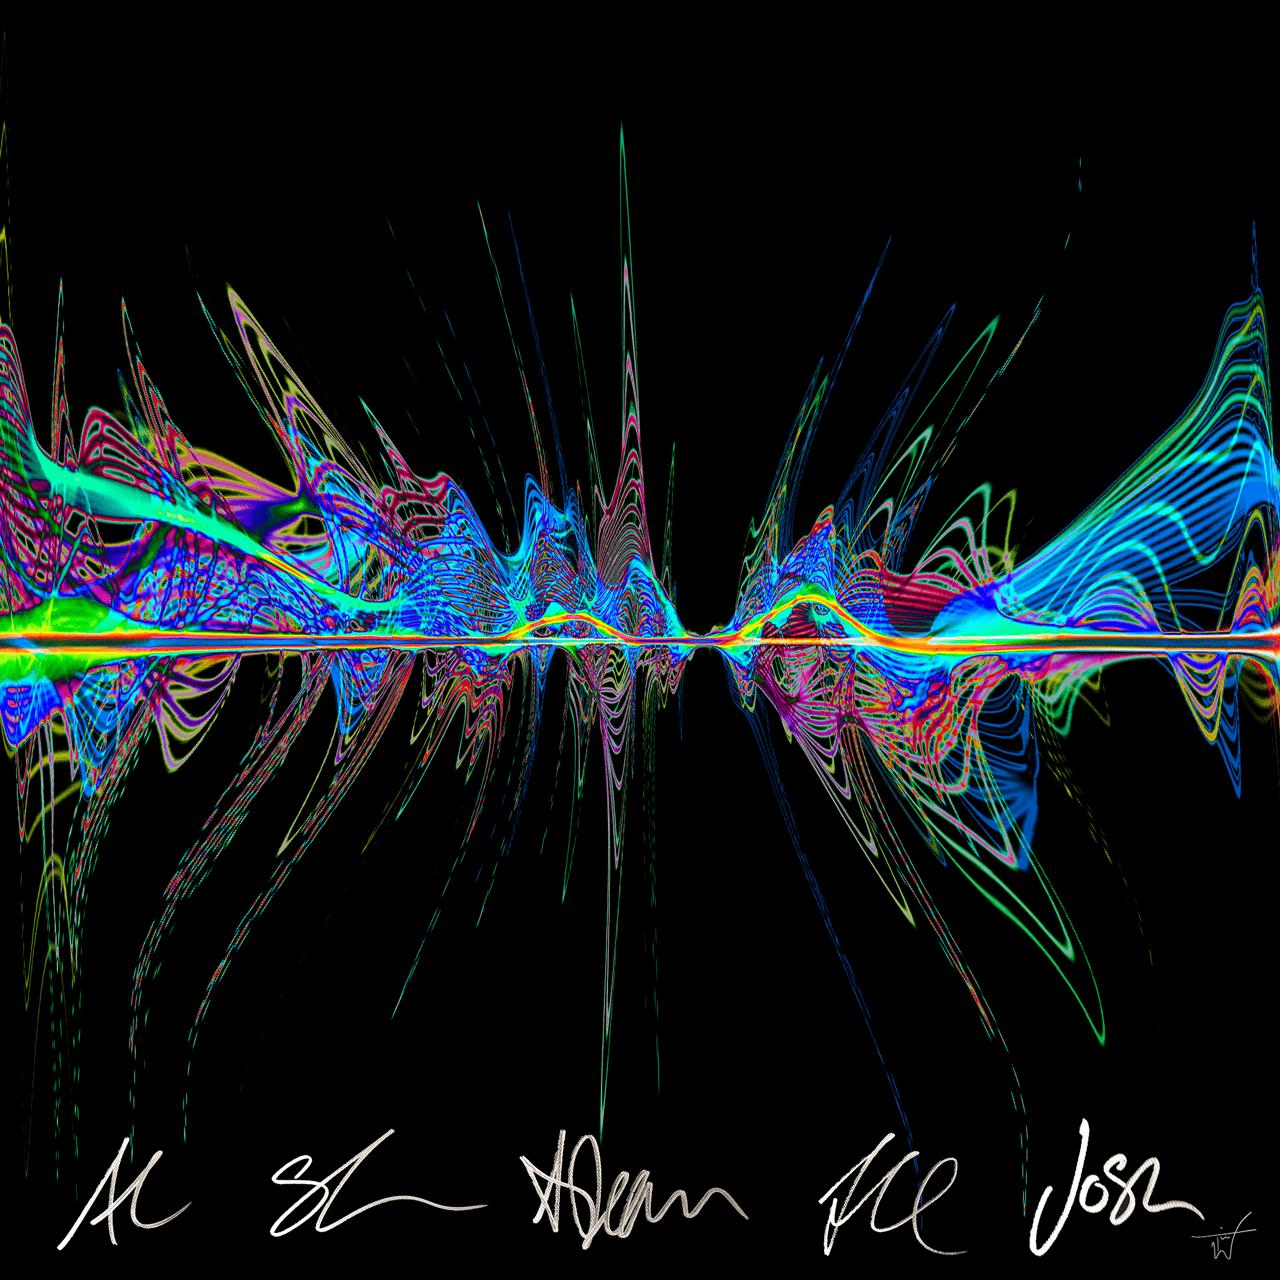 Architects с песней Doomsday в художественном проекте Sound Art Foundation